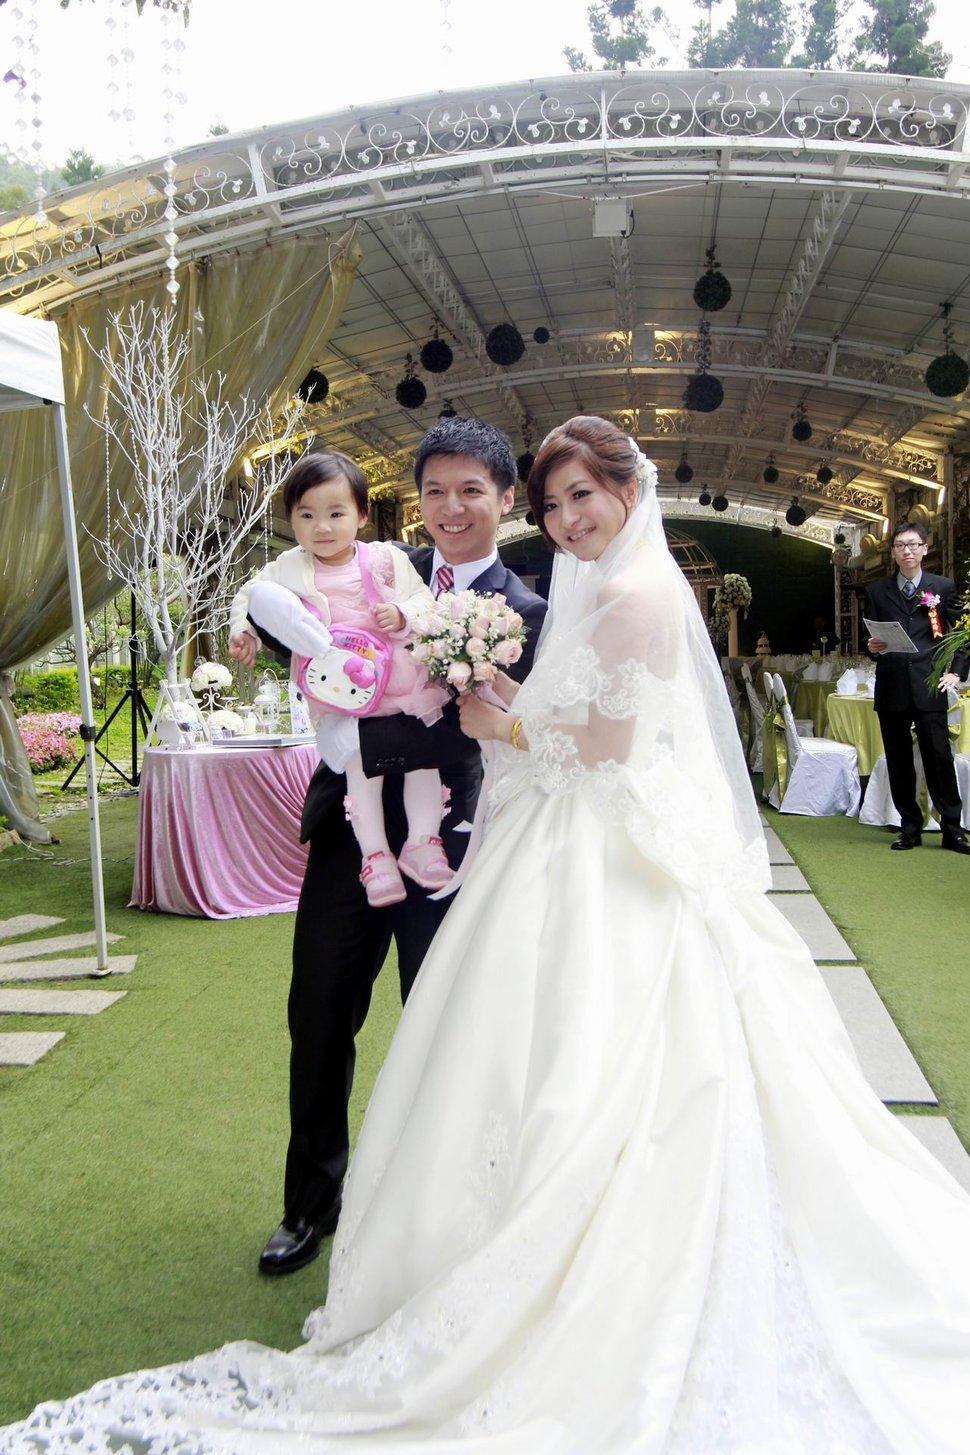 青青食尚花園會館婚禮記錄結婚迎娶婚禮記錄動態微電影錄影專業錄影平面攝影婚紗攝攝影婚禮主持人(編號:196726) - 蜜月拍照10800錄影12800攝影團隊 - 結婚吧